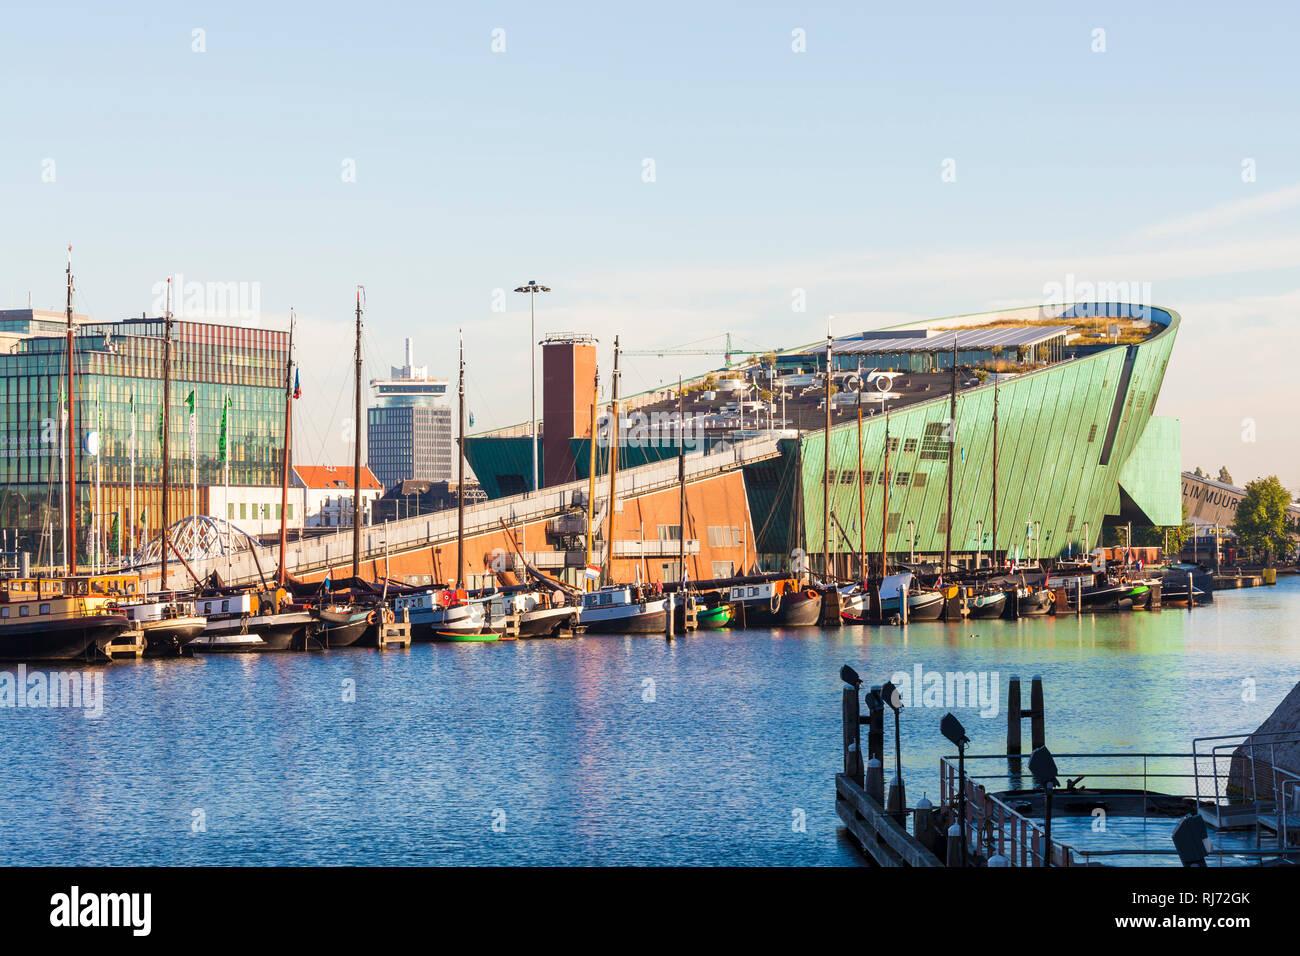 Niederlande, Amsterdam, Nemo, Technologie-Museum für Kinder, Wissenschaftsmuseum, Museum, Architekt Renzo Piano - Stock Image